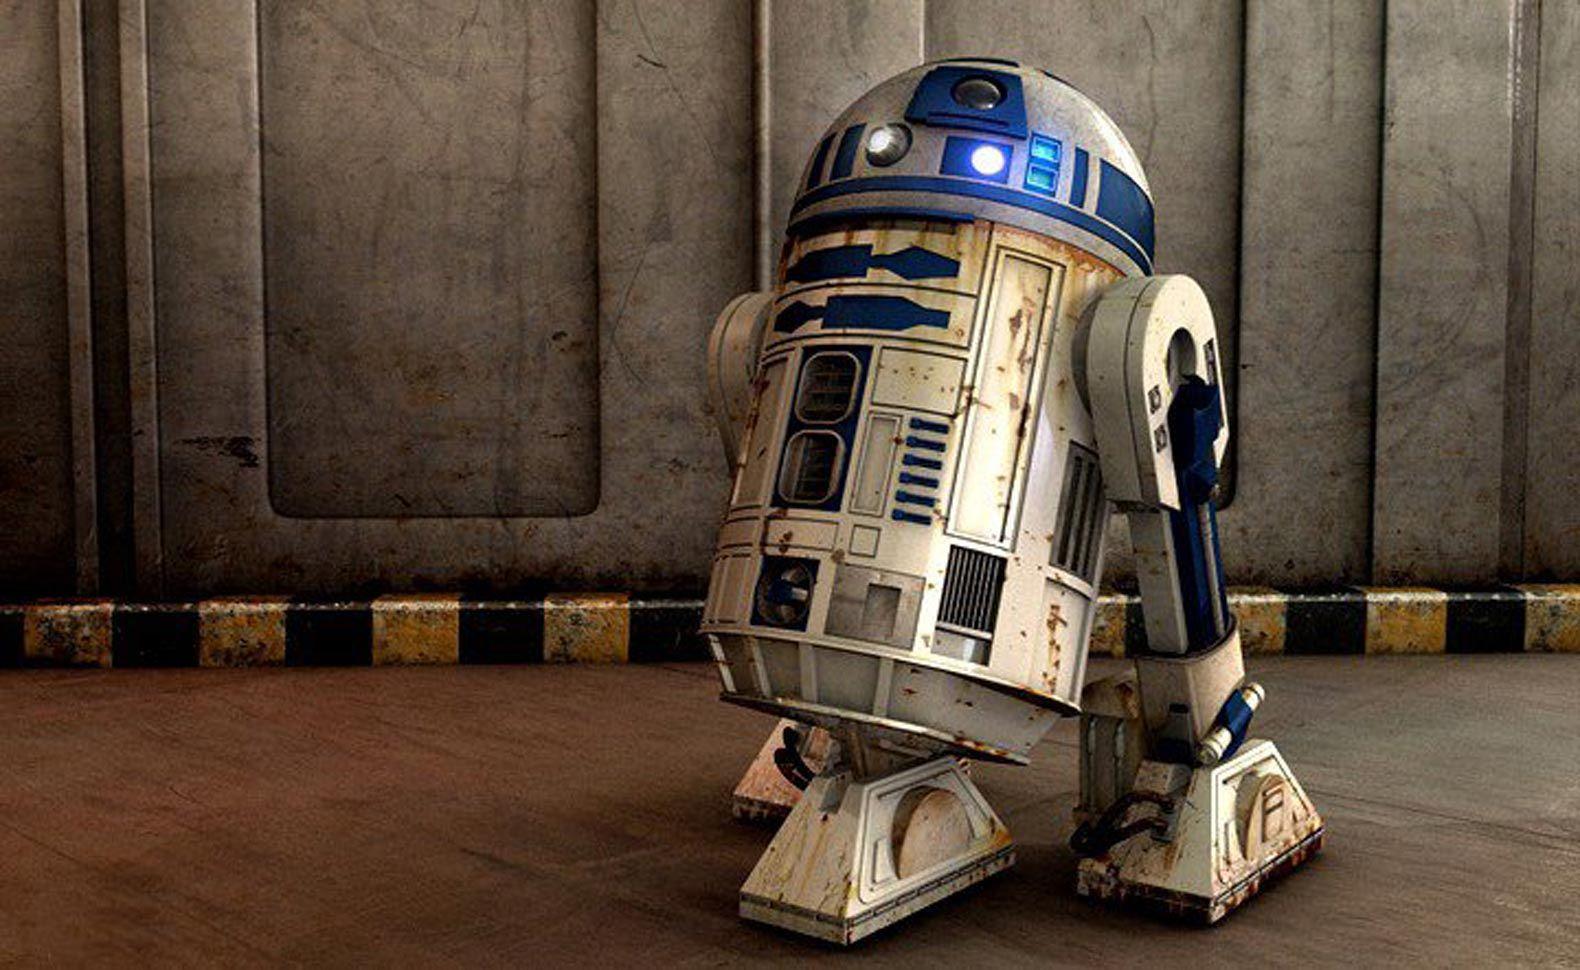 R2-D2 – famous robot